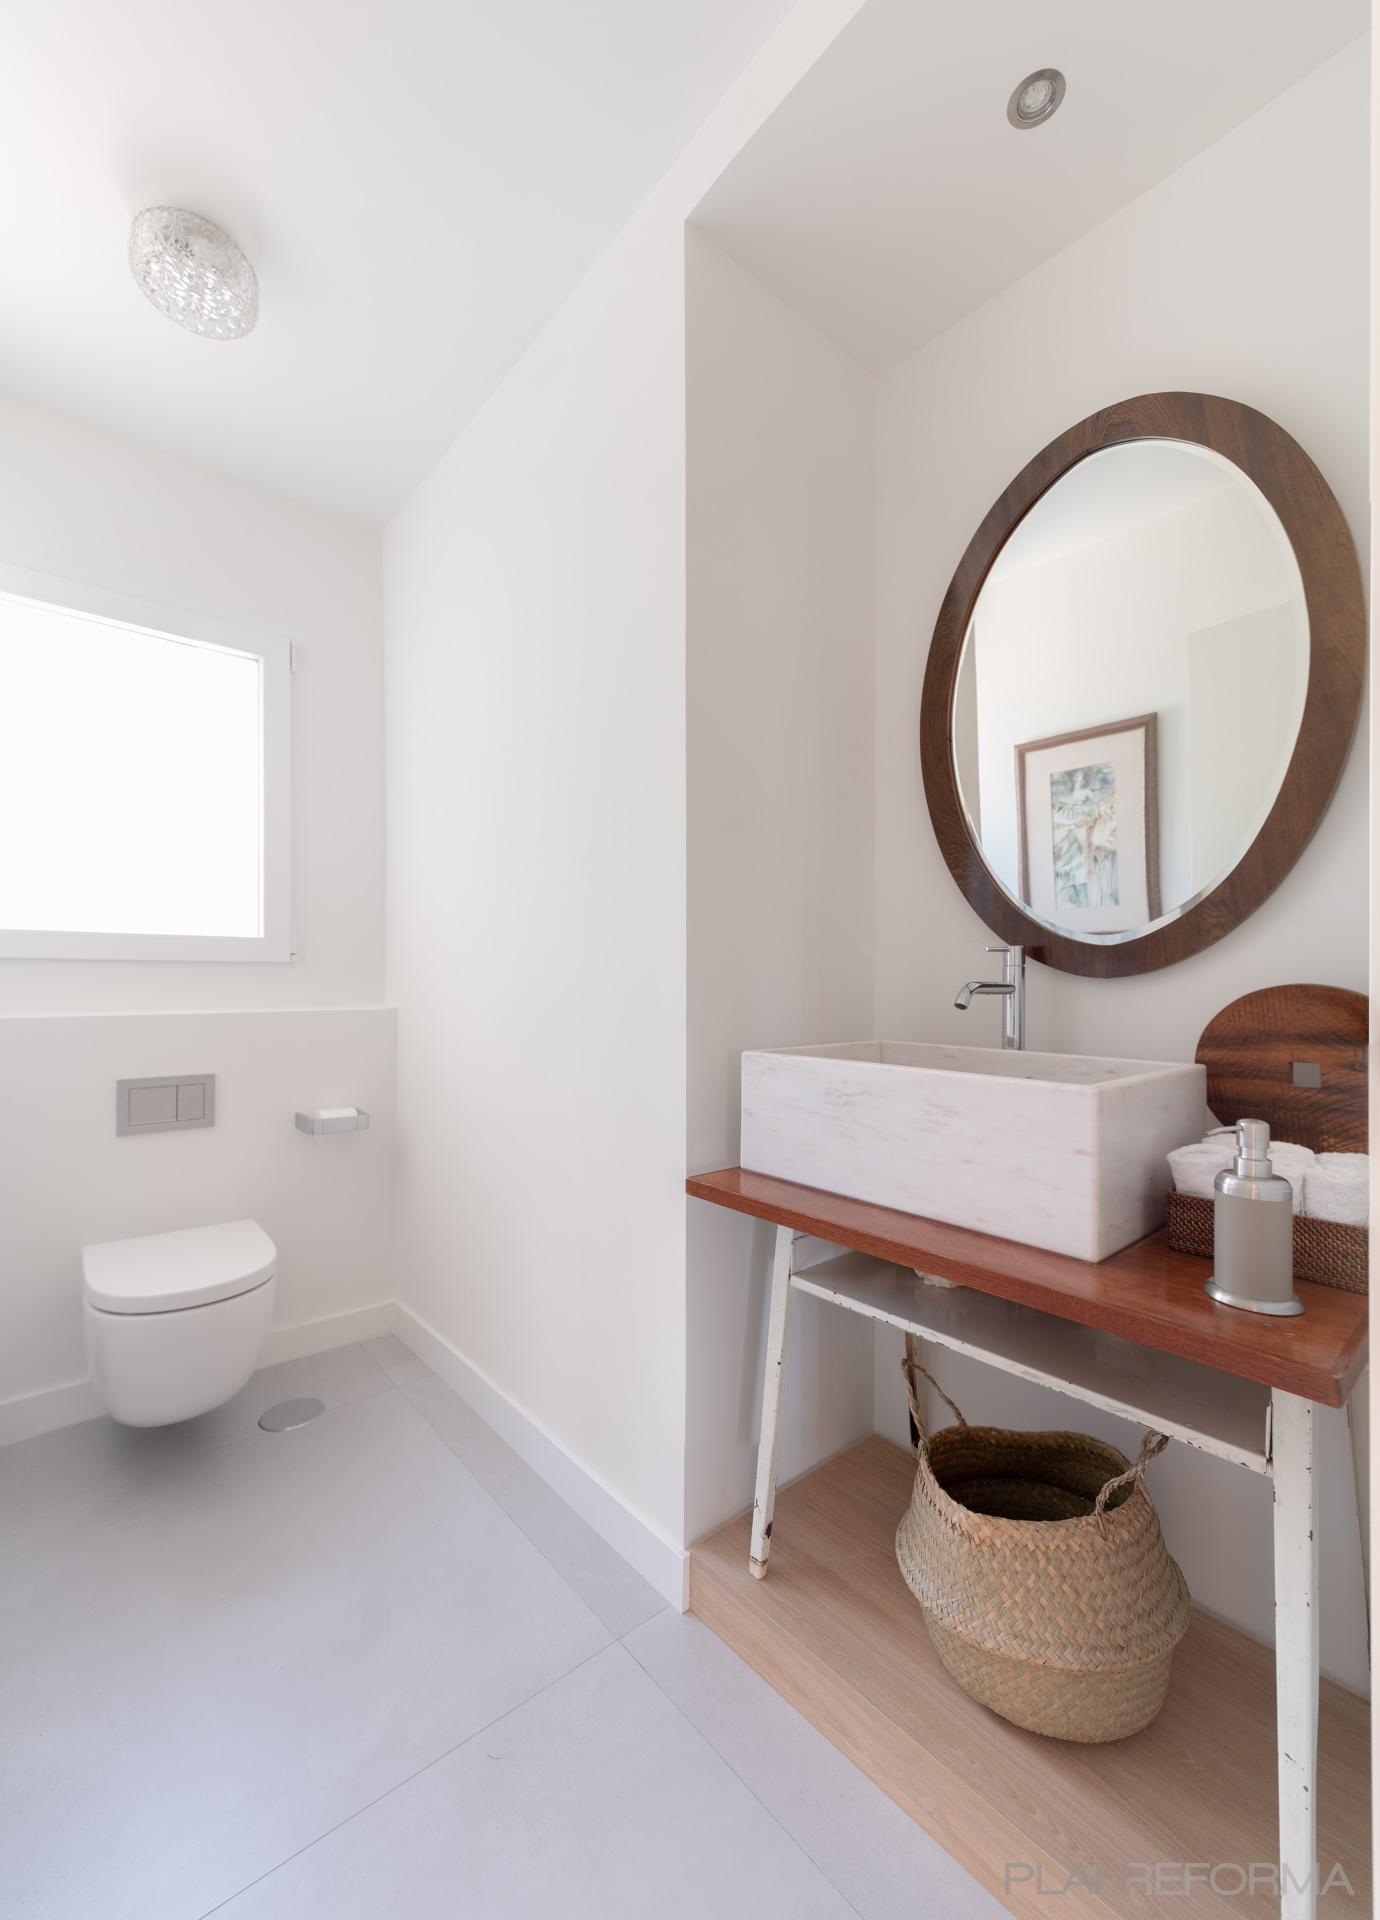 Baño Estilo vintage Color marron, marron, blanco  diseñado por Arquigestiona   Arquitecto Técnico   Copyright Arquigestiona